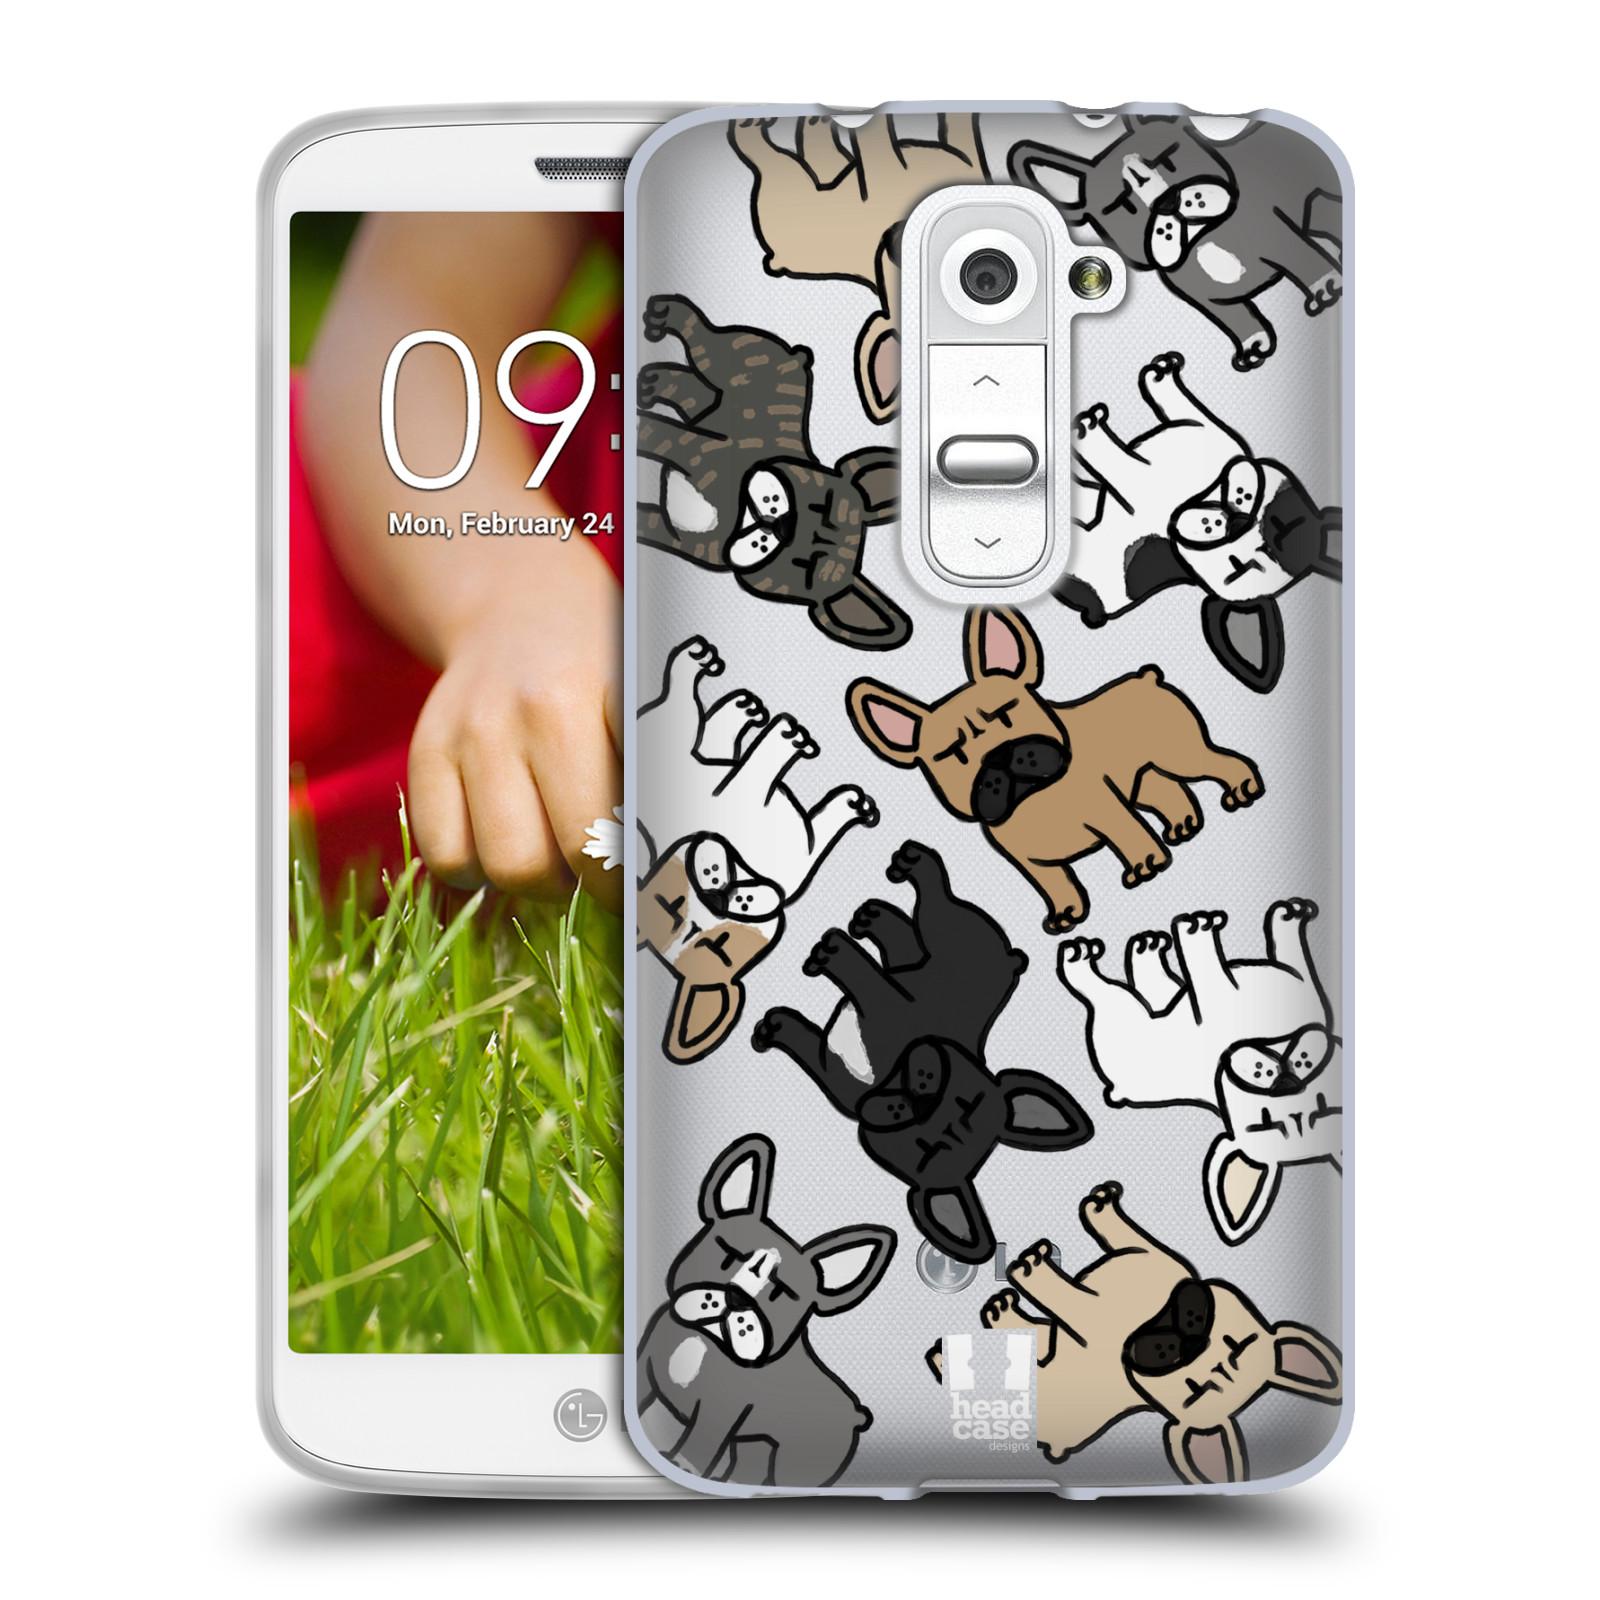 Silikonové pouzdro na mobil LG G2 Mini Head Case - Francouzští buldočci (Silikonový kryt či obal na mobilní telefon s motivem francouzkých buldočků pro LG G2 Mini D620)